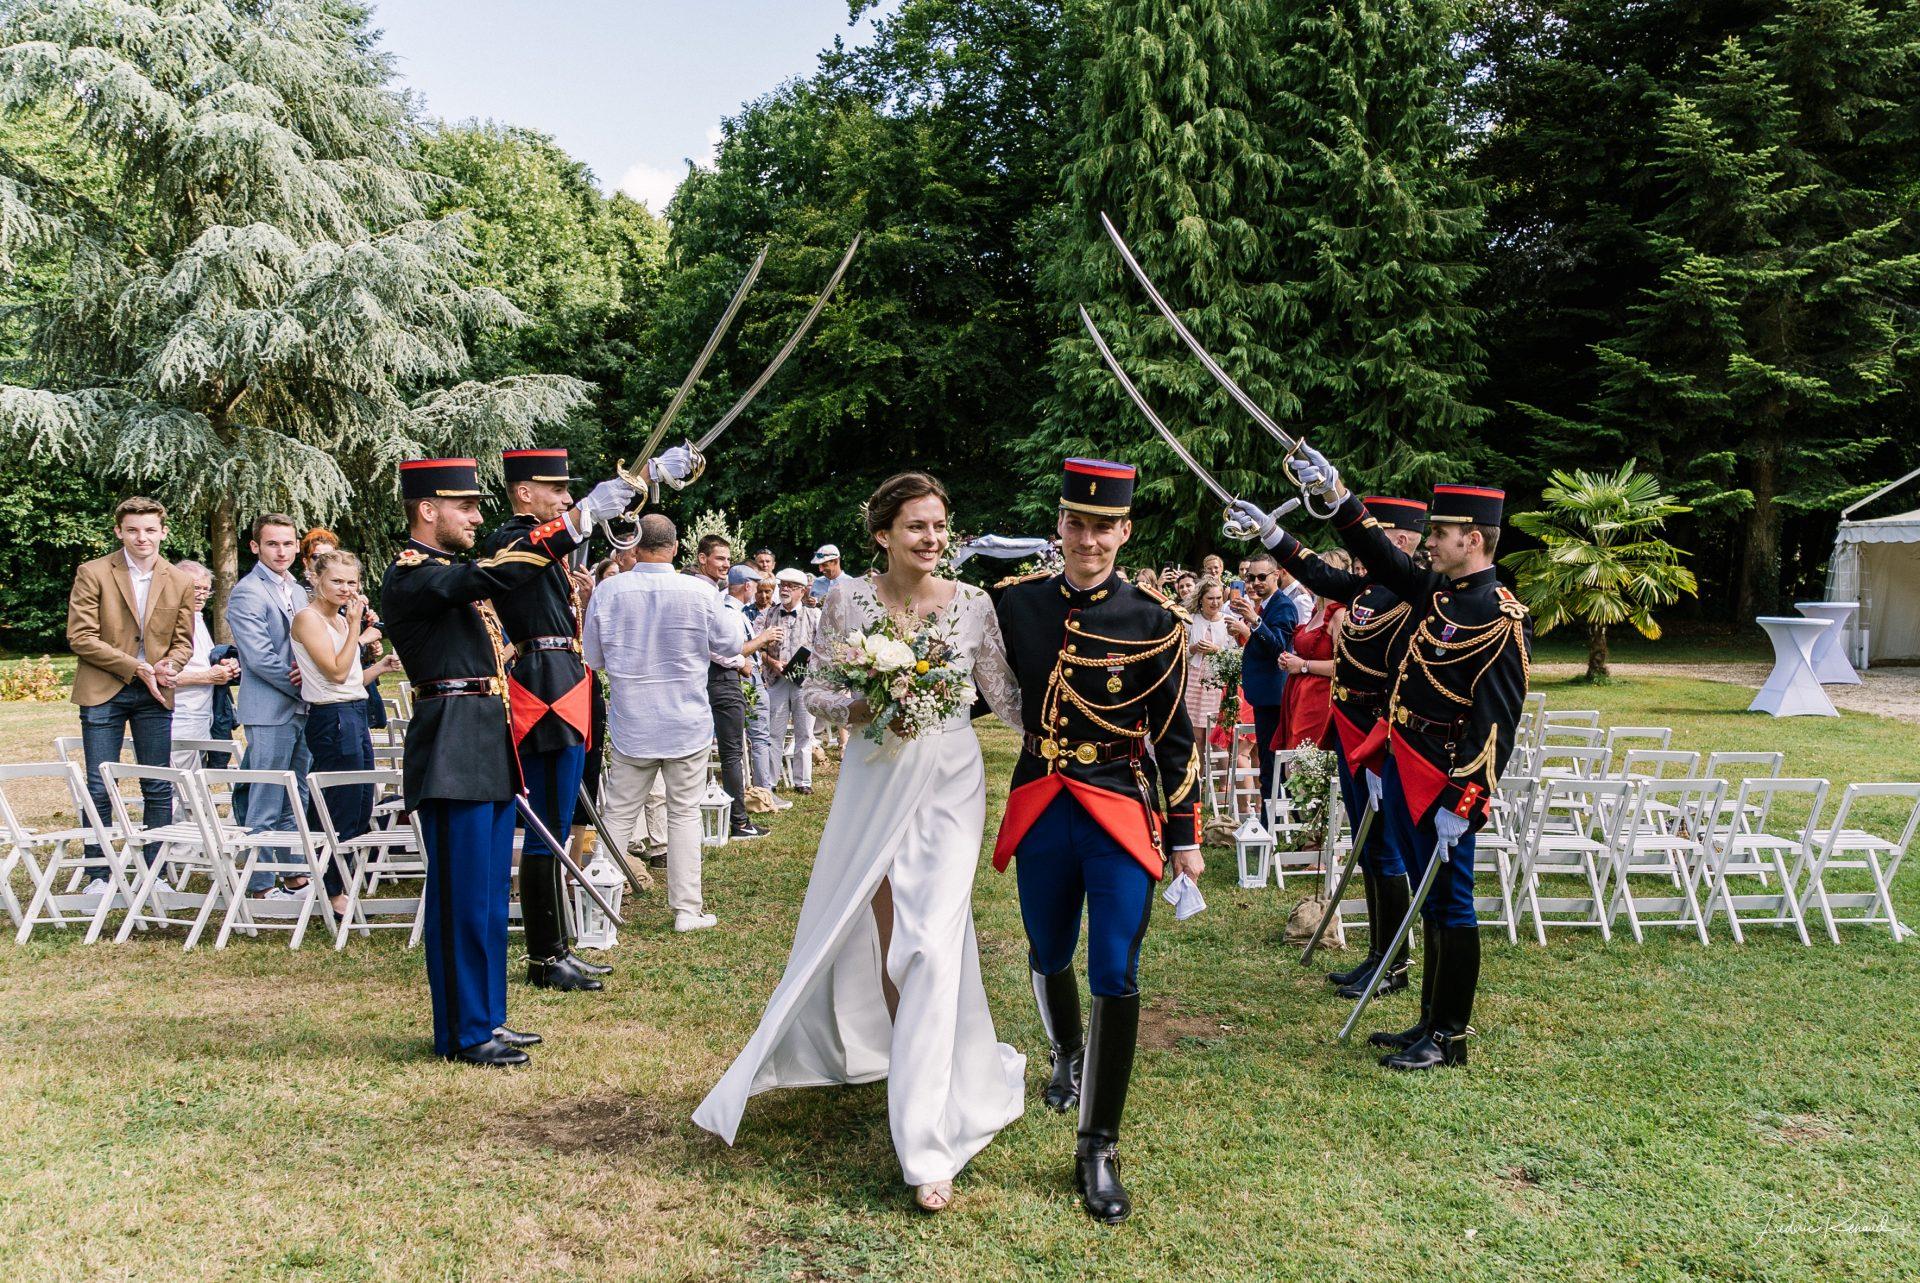 sterenn-officiante_ceremonie-laïque-bretagne-rennes-Elsa-Jean-Baptiste-sortie-mariés-cavalerie